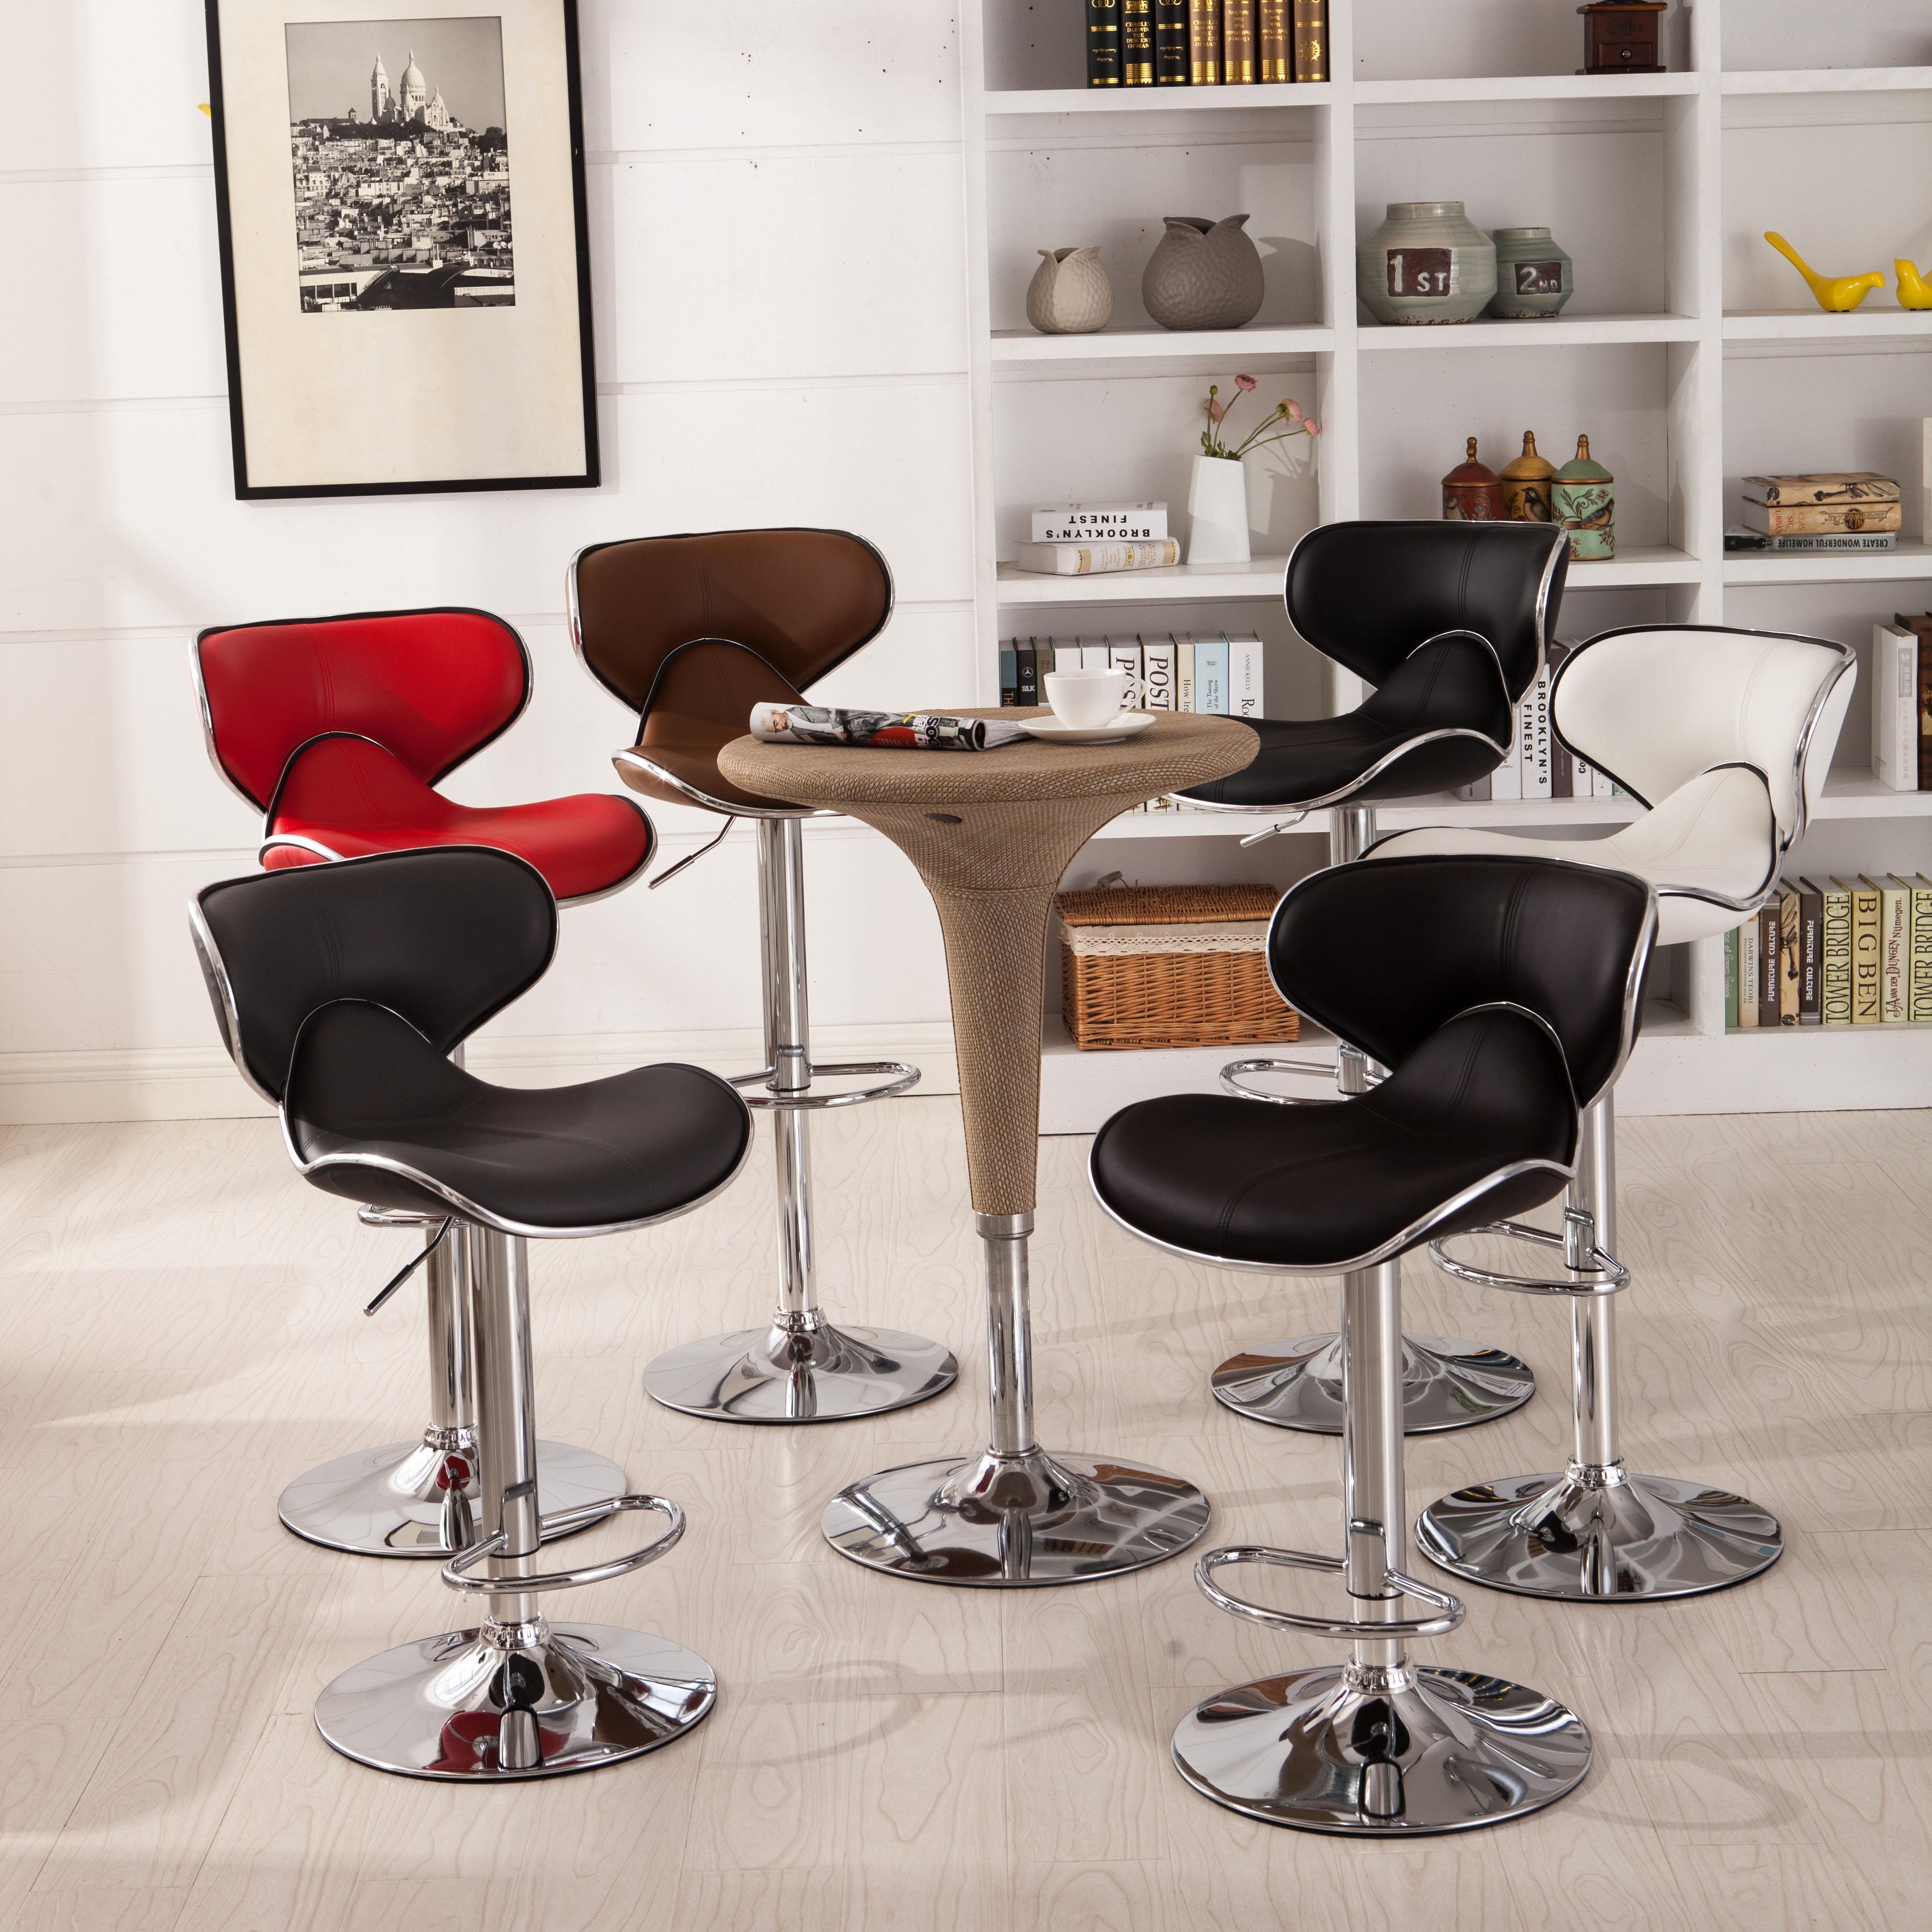 Roundhill Furniture Masaccio Cushioned Leatherette